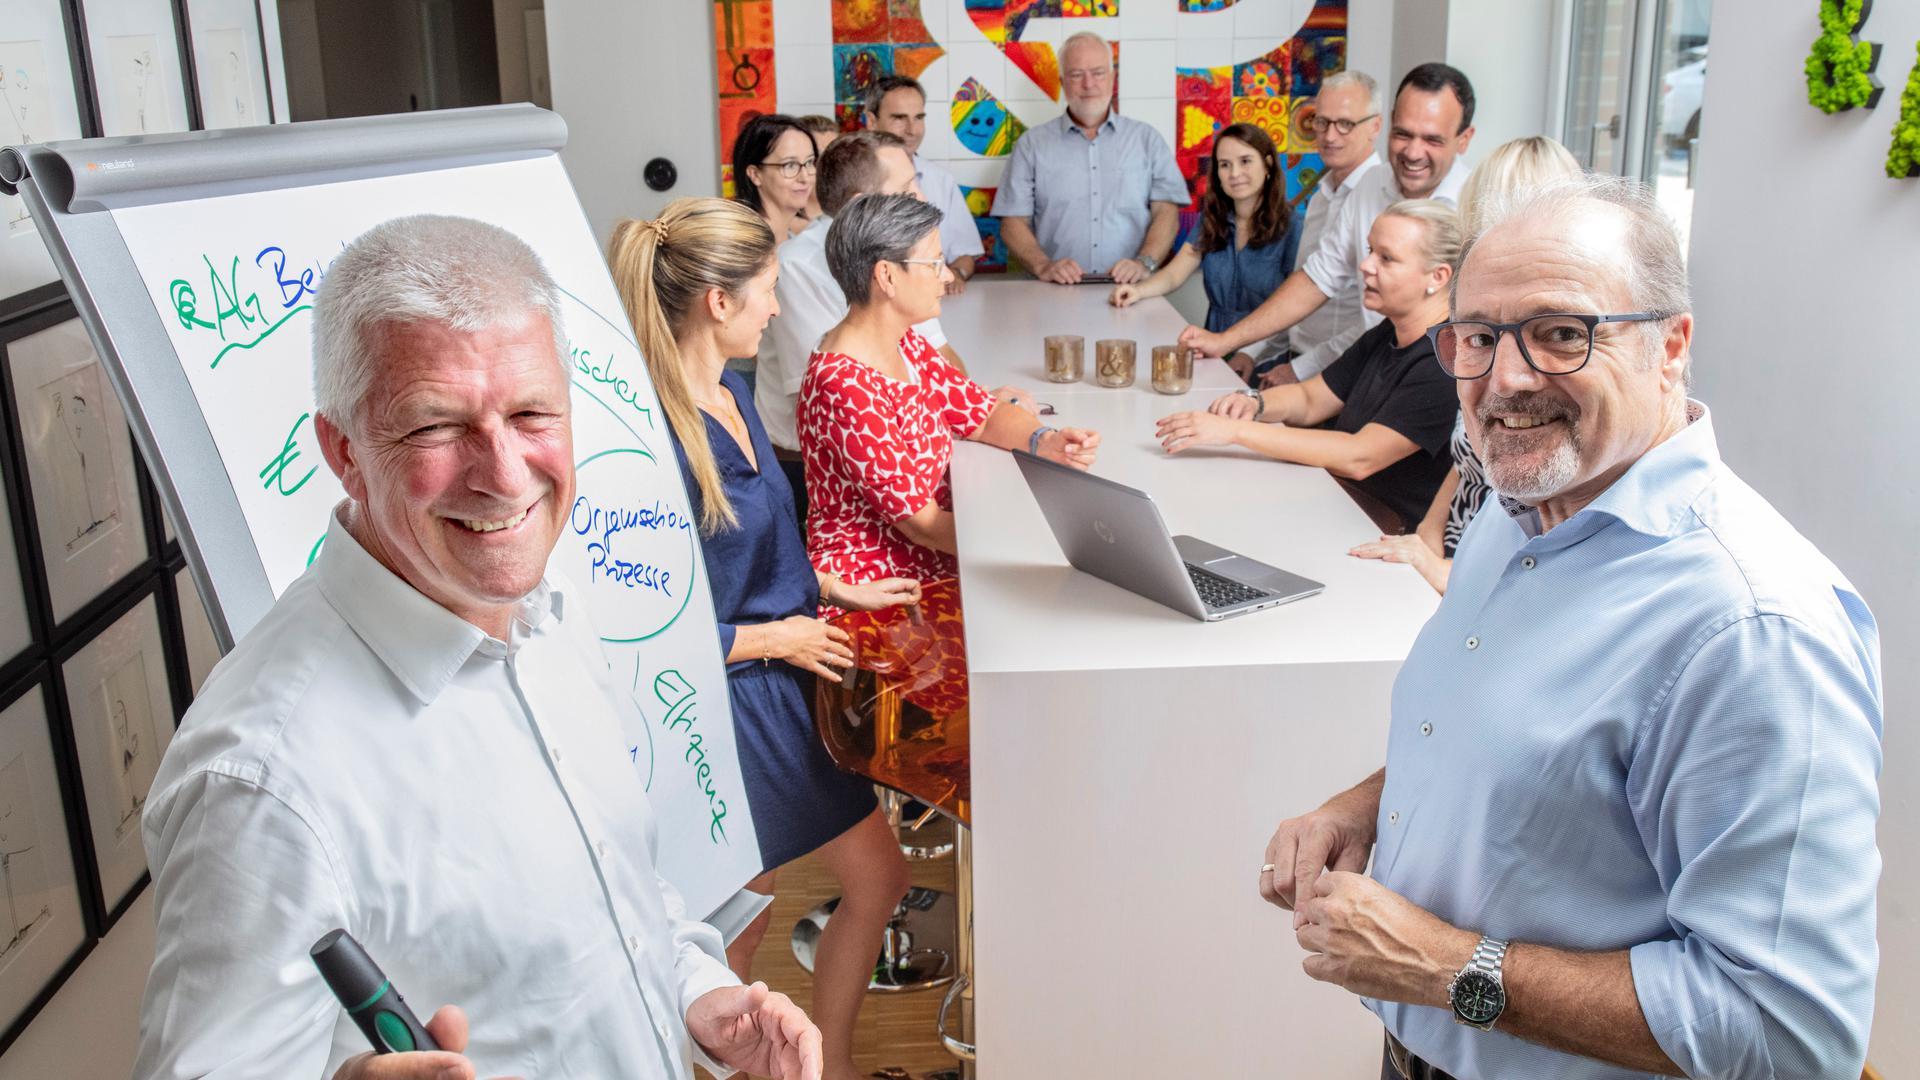 Bei der Liebich & Partner AG mit ihren Vorständen Steffen G. Hilser (vorne links) und Günter Walter (rechts) sieht man großes Potenzial für neue Aufträge.